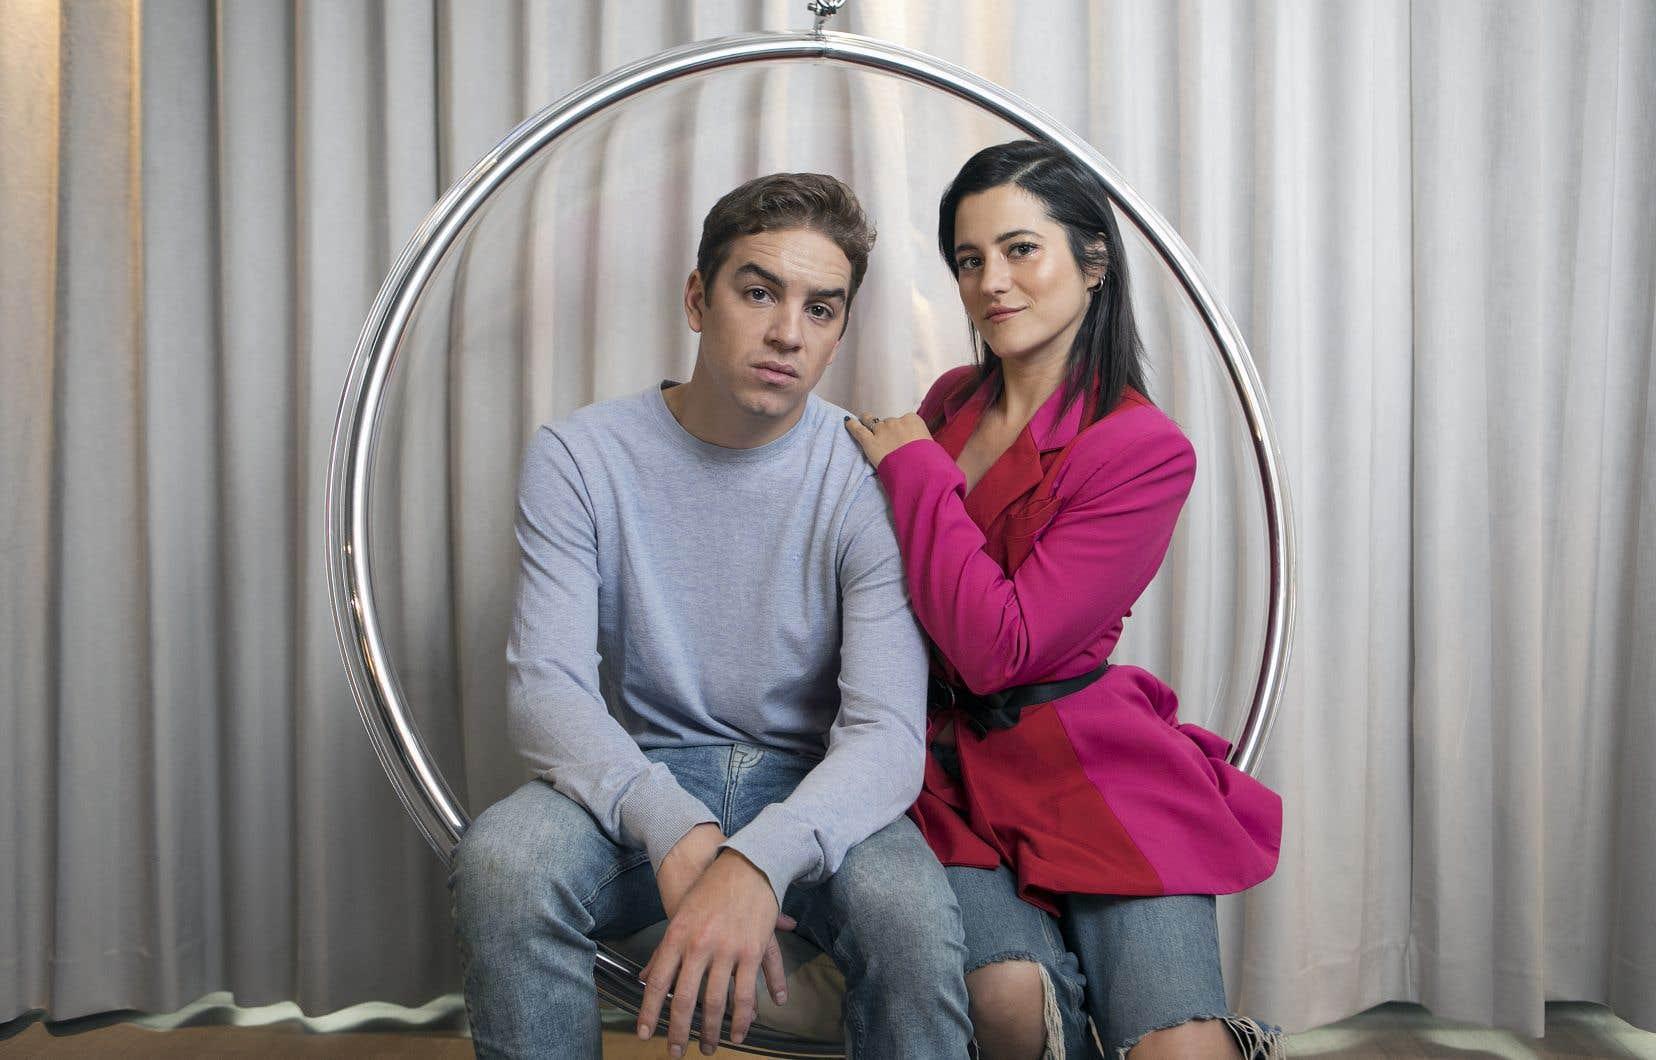 Pendant le tournage des scènes de baise semi-explicites, le fait que les acteurs Antoine Pilon et Catherine Brunet forment un vrai couple a permis d'éviter (en partie) les malaises et les débordements.